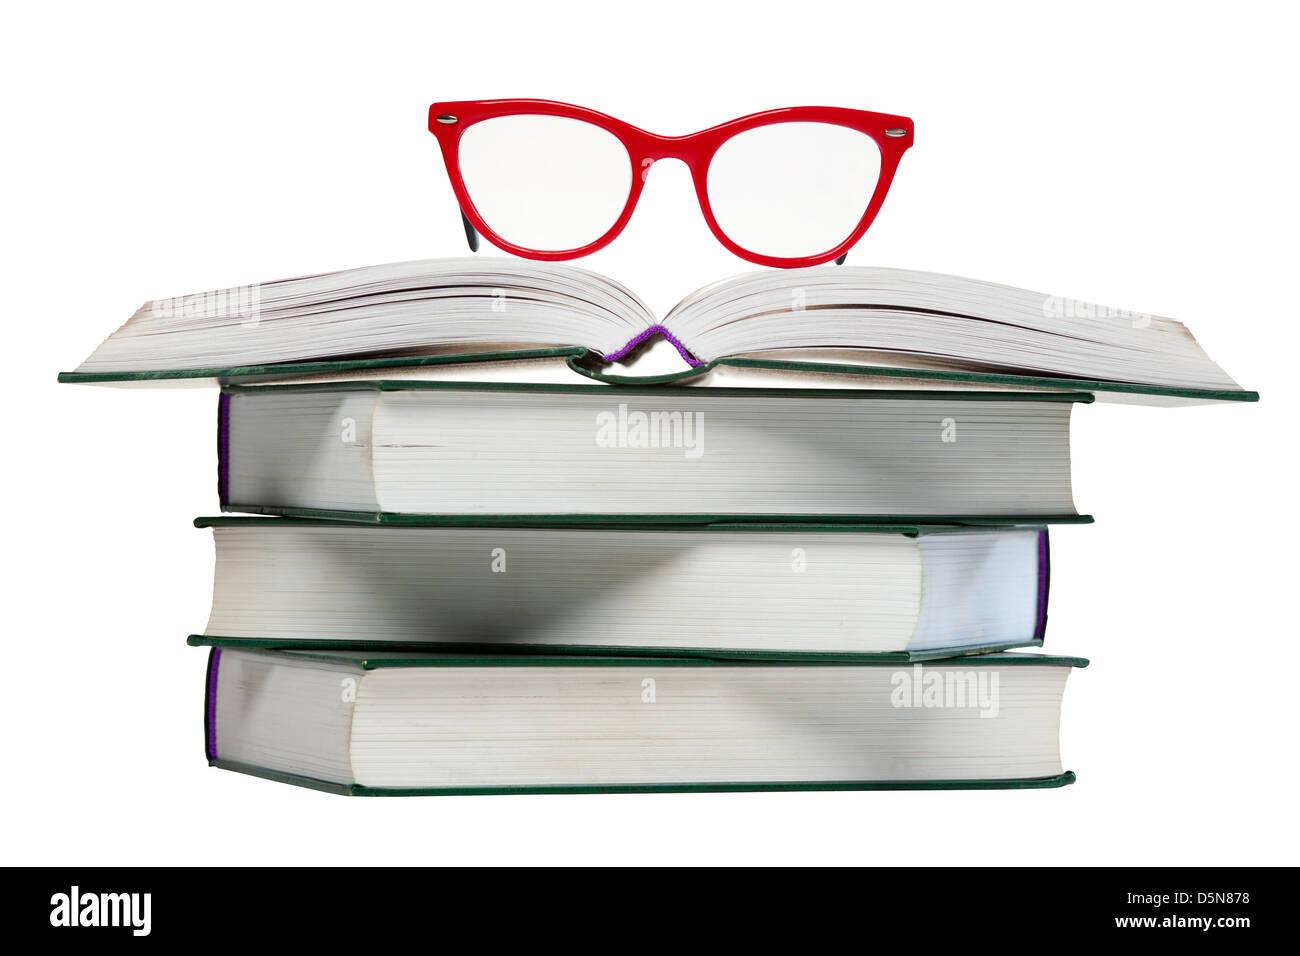 Bicchieri Rossi sul libro aperto, pila o catasta di libri isolate su sfondo bianco Immagini Stock